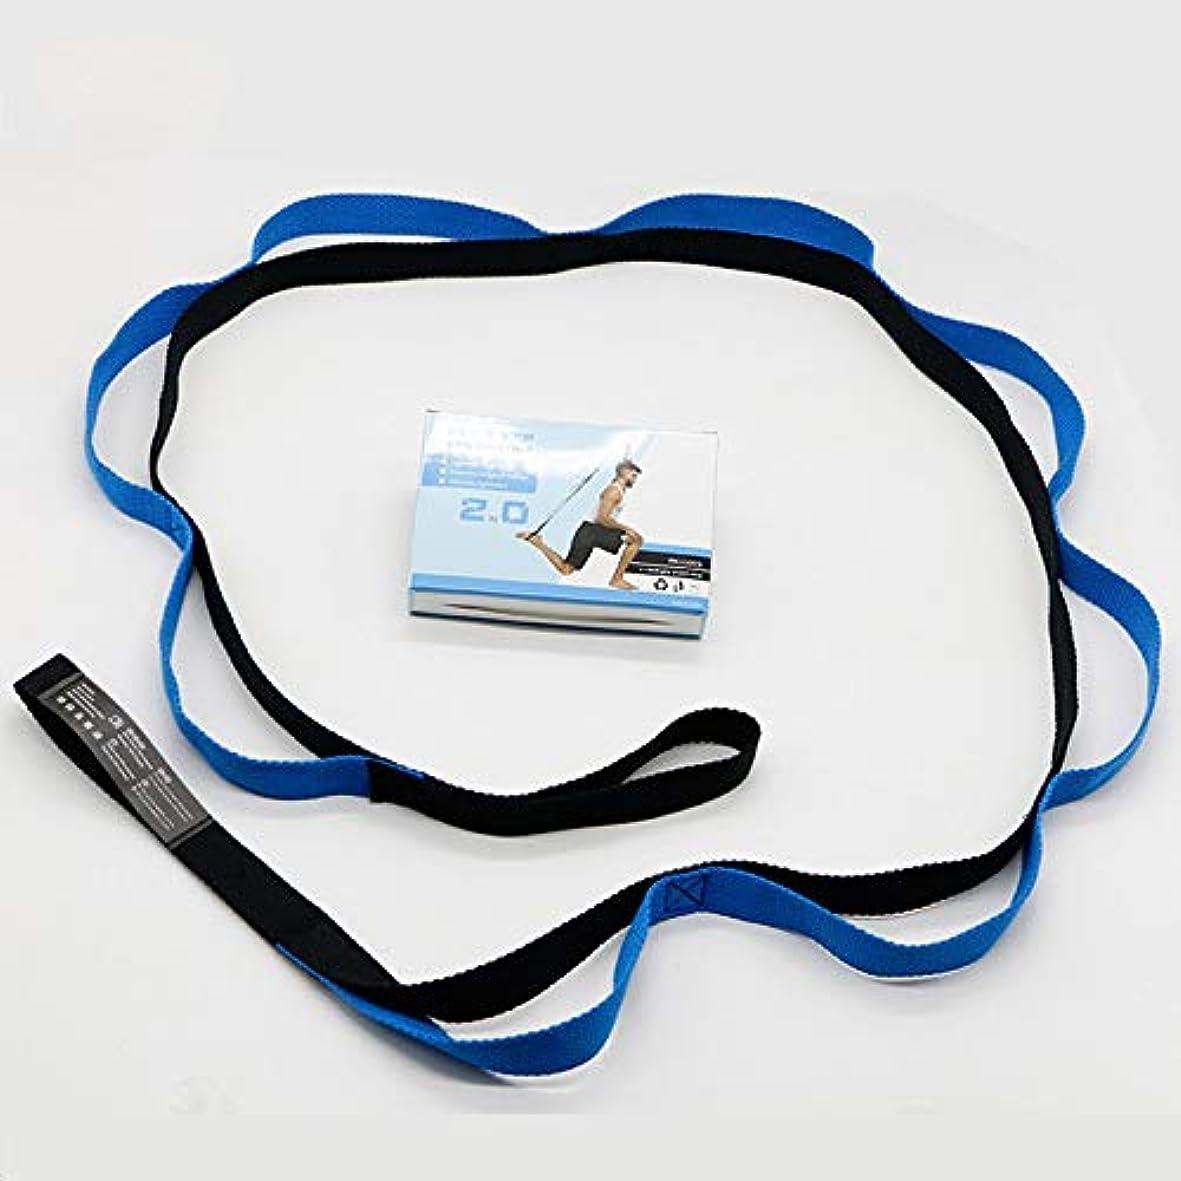 いろいろ繁殖航海フィットネスエクササイズジムヨガストレッチアウトストラップ弾性ベルトウエストレッグアームエクステンションストラップベルトスポーツユニセックストレーニングベルトバンド - ブルー&ブラック